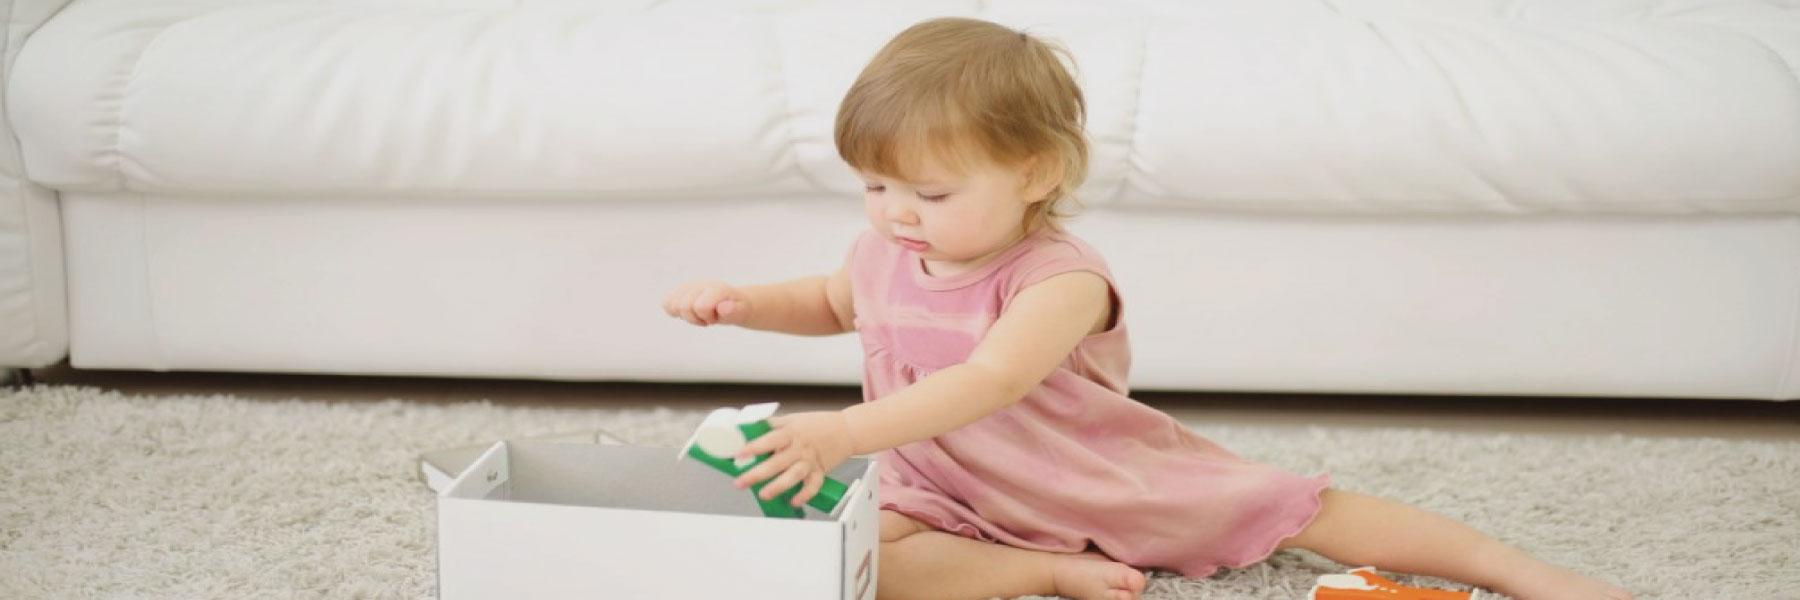 Καθαρισμός - Φύλαξη Χαλιών - Μοκετών - Τάπητων, βιολογικος καθαρισμος